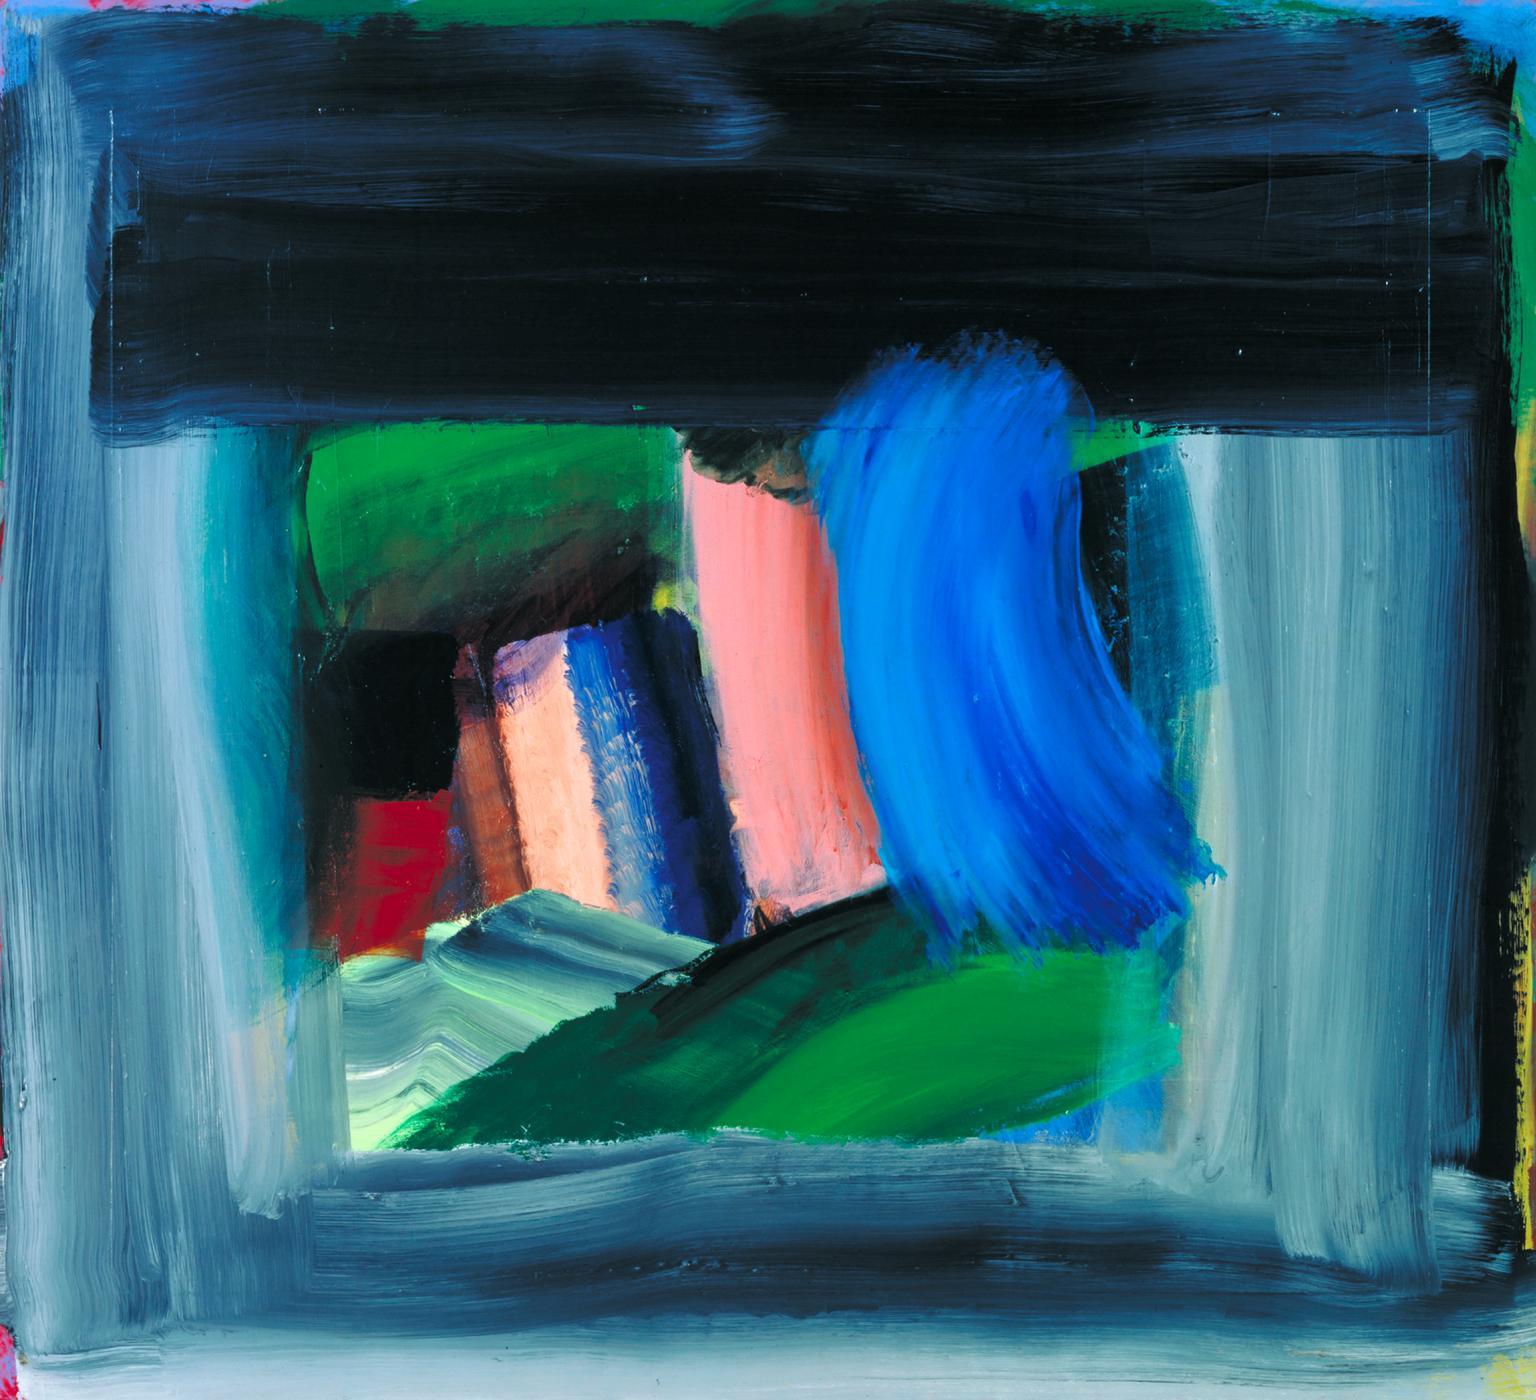 Howard Hodgkin, Rain, 1988-1989